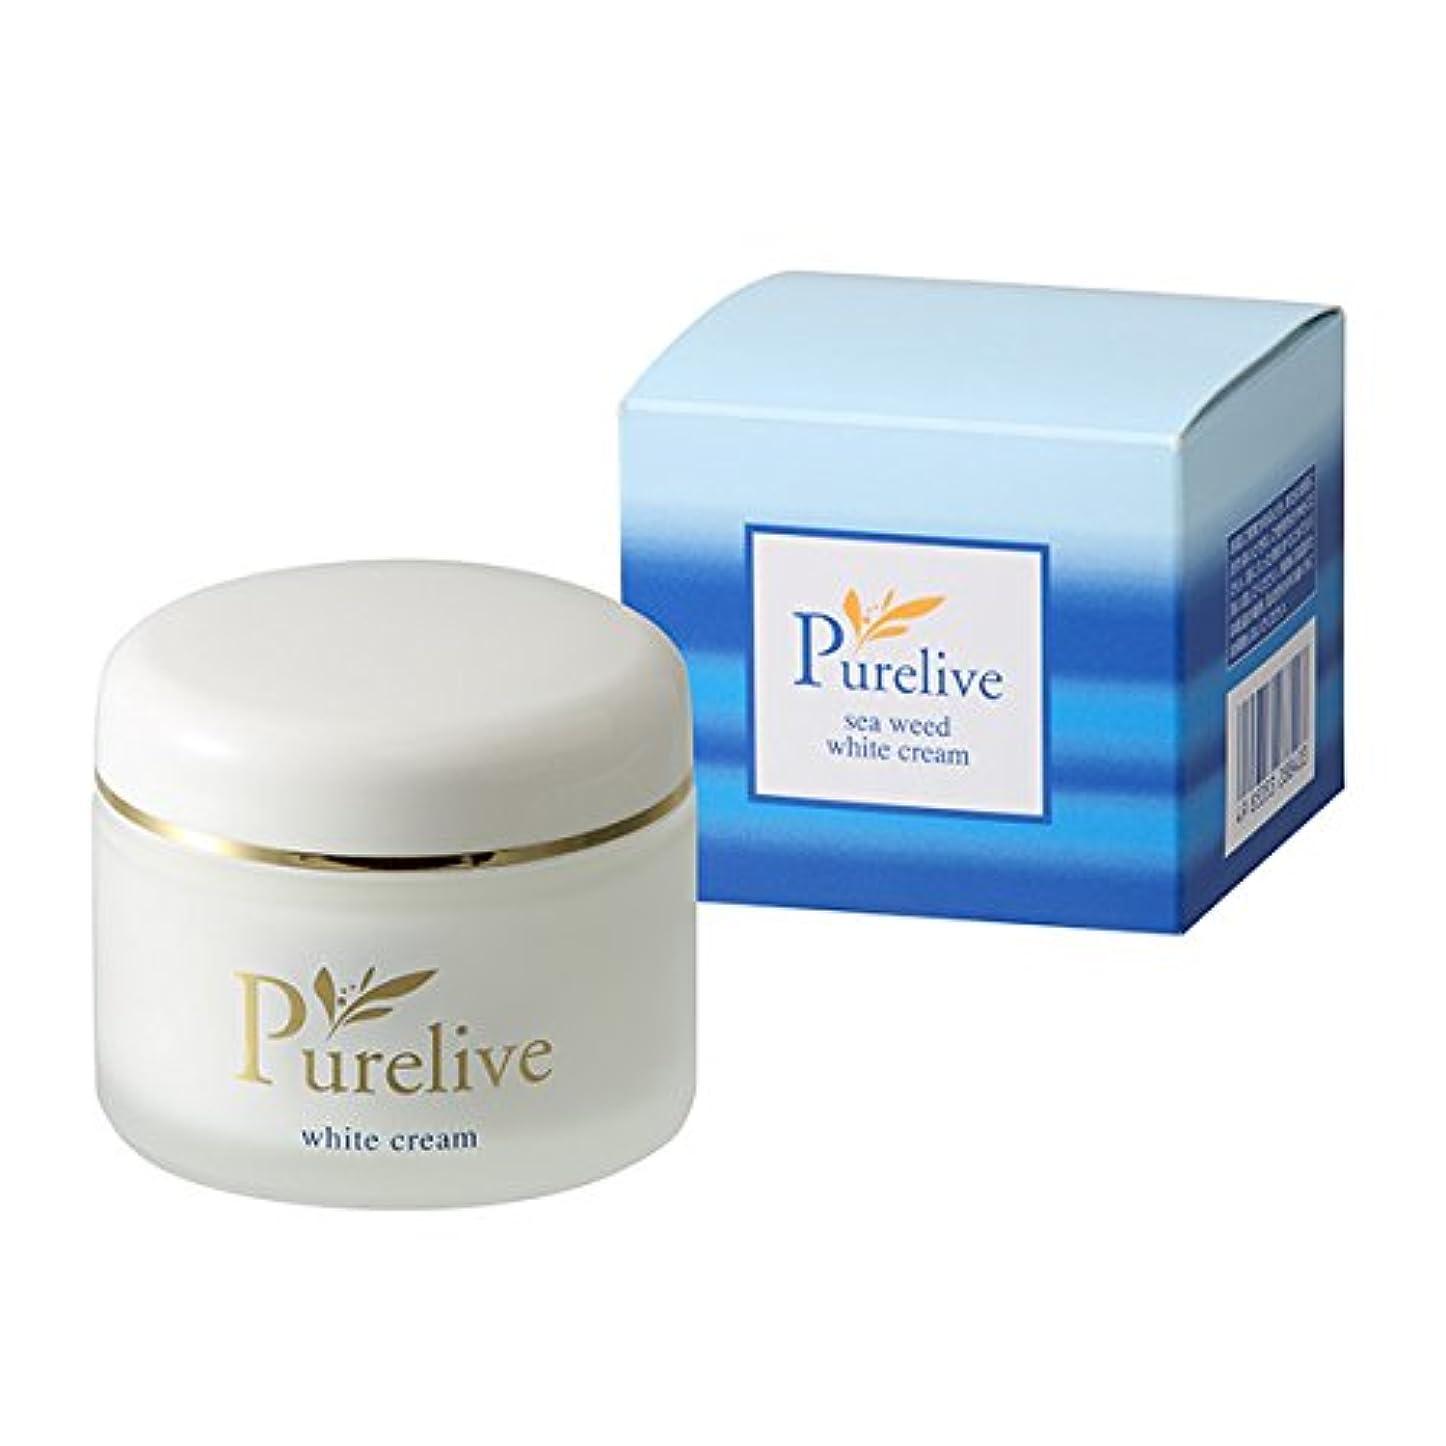 ホームブレス倫理[PURELIVE] ホワイト モイスチャークリーム White Moisture Cream‐KH320